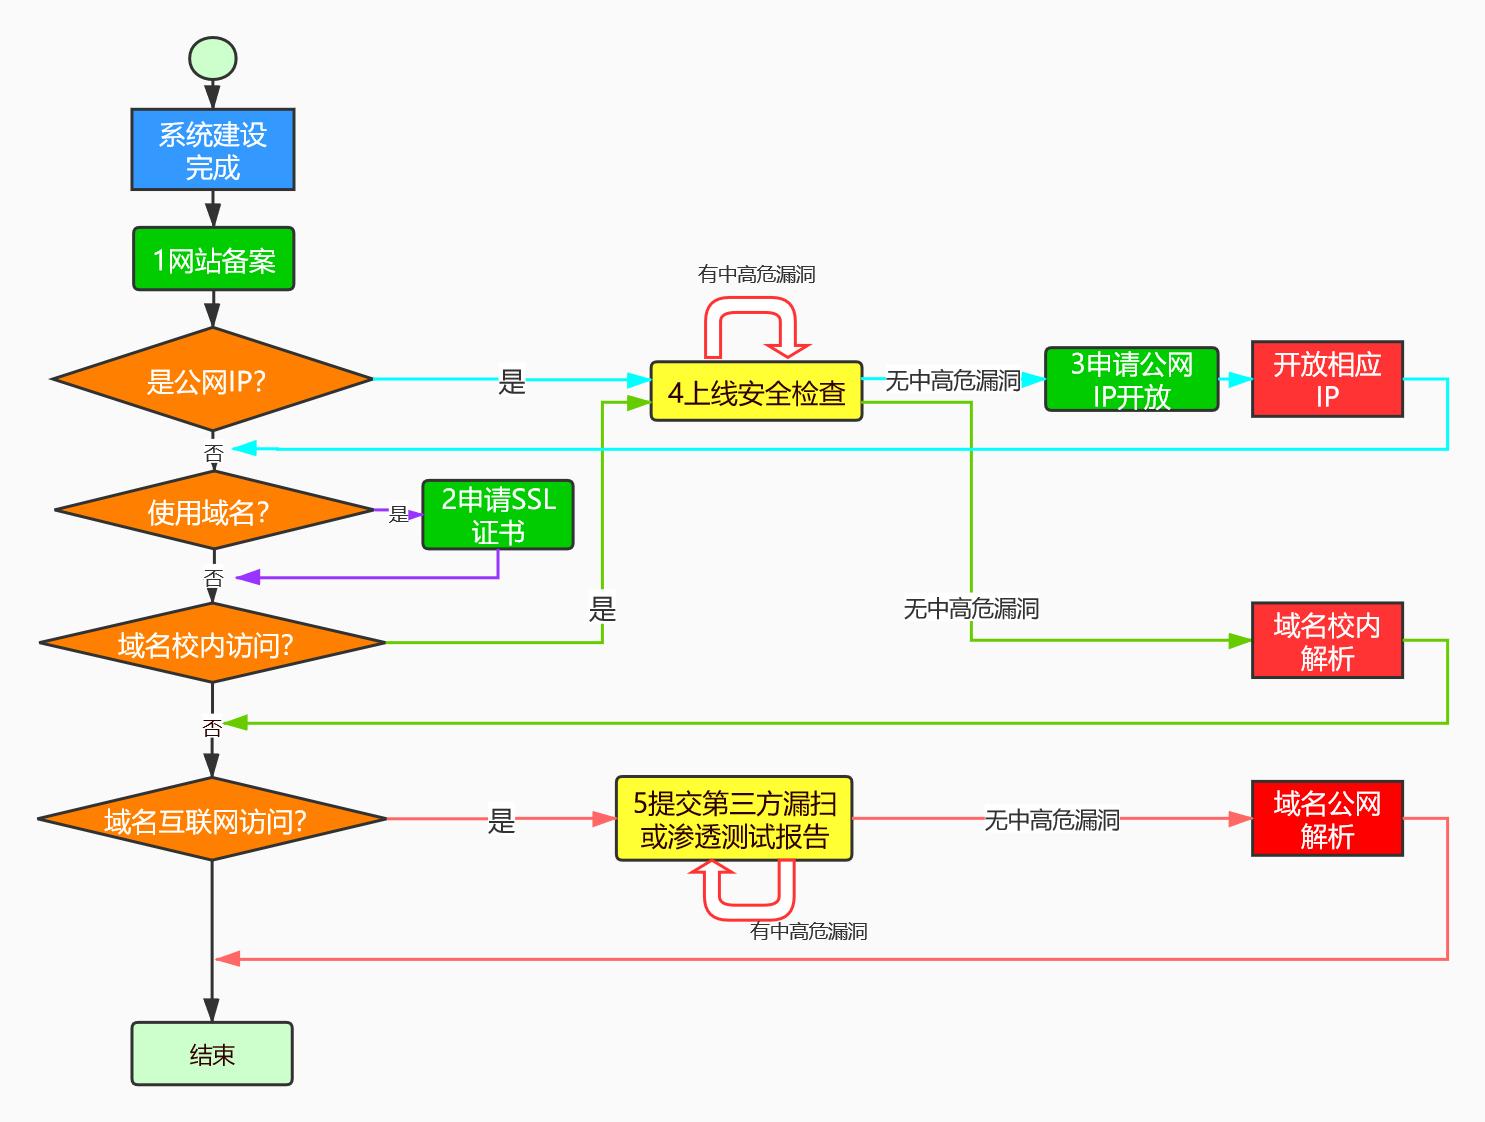 网站系统建设完成后,备案、公网ip、开放相应ip、域名解析、申请ssl证书、上线安全检查等步骤流程图